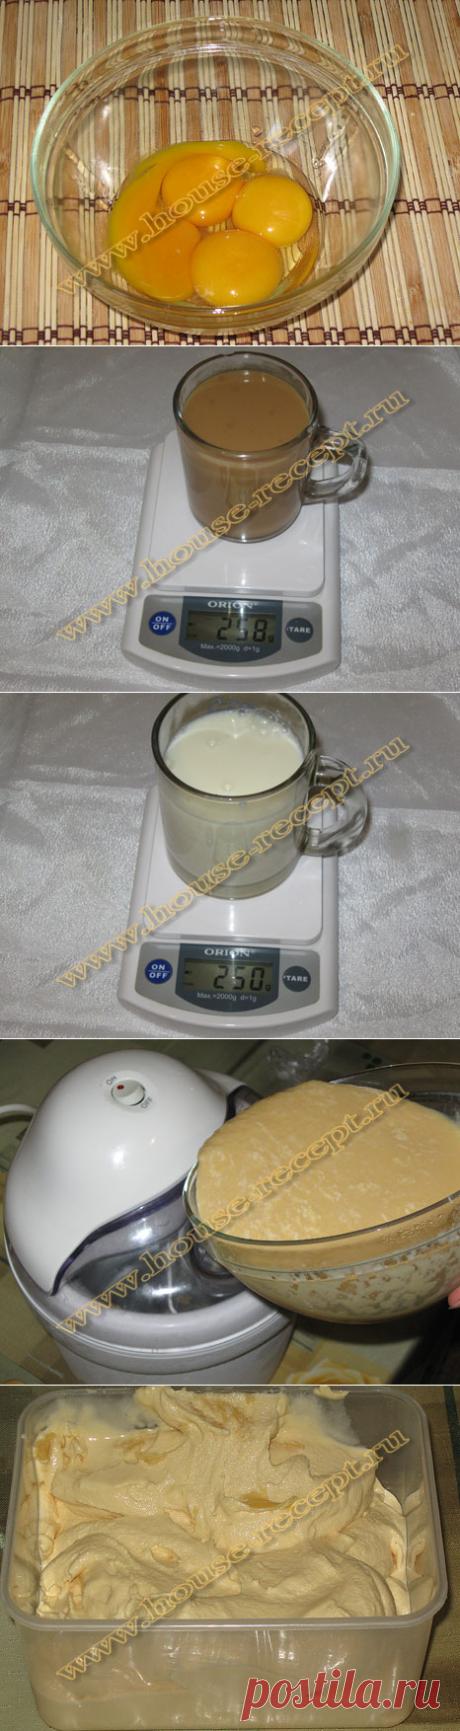 Рецепт и приготовление мороженого в мороженице. Простое и вкусное домашнее мороженое.